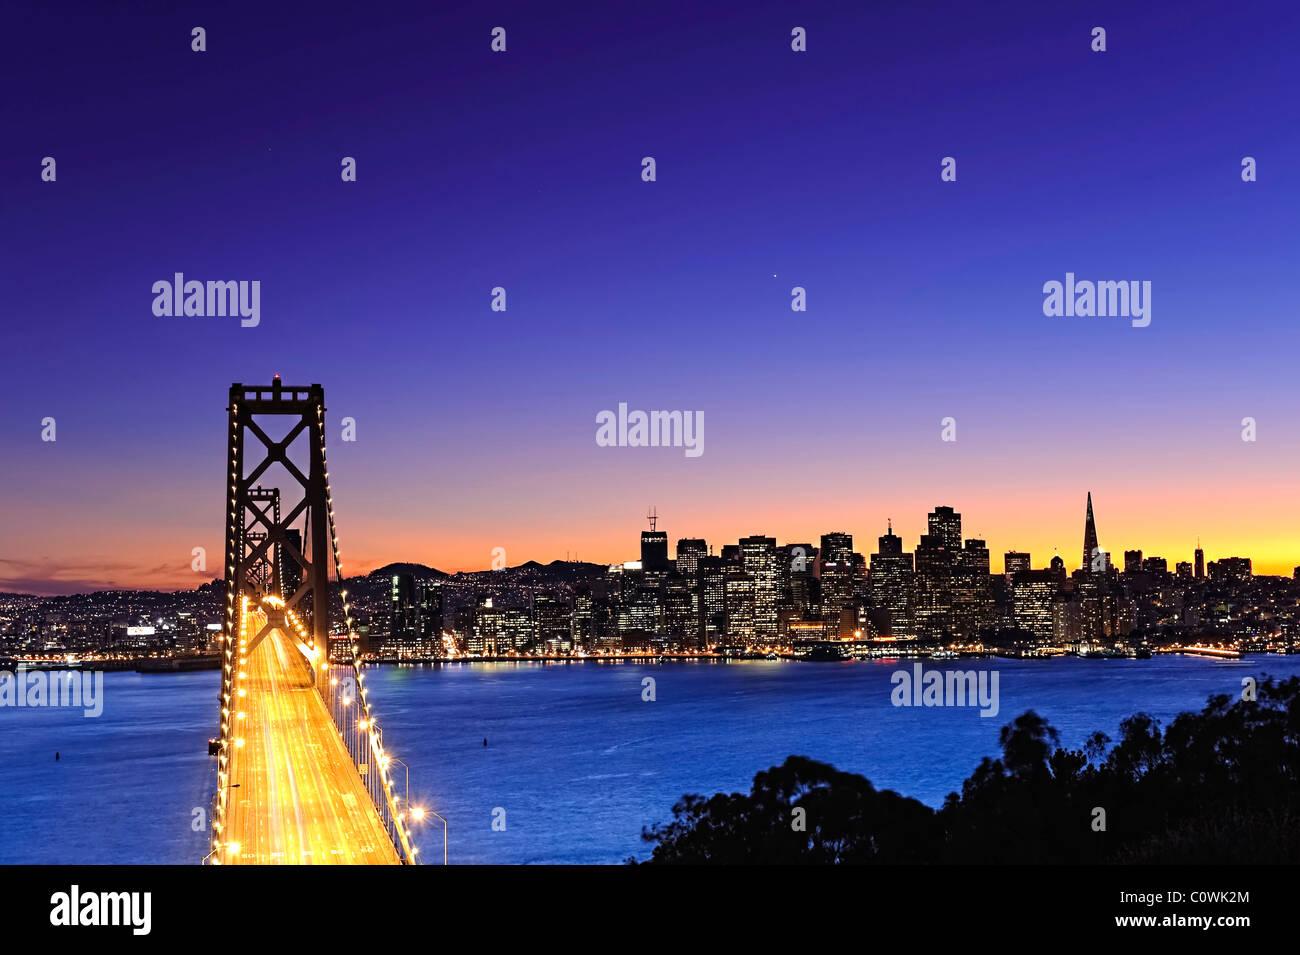 États-unis, Californie, San Francisco, Oakland Bay Bridge et sur les toits de la ville Banque D'Images